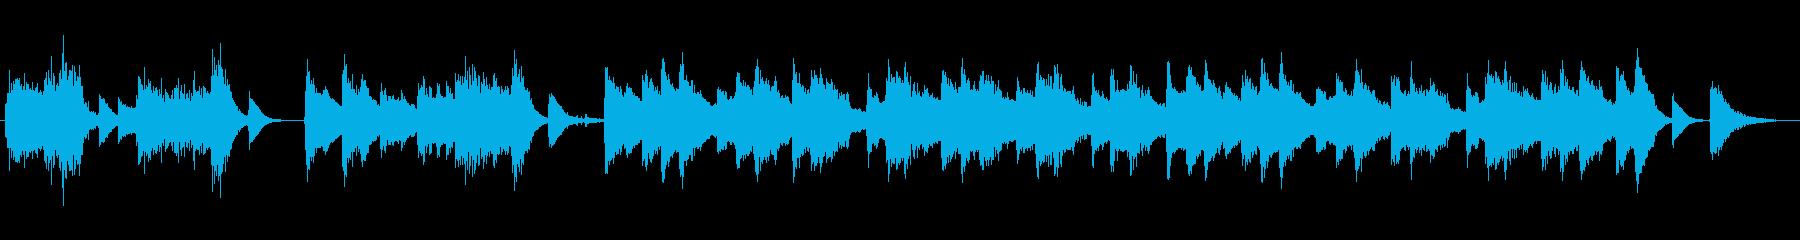 高音質♪レトロ風ピアノ曲出囃子ループの再生済みの波形